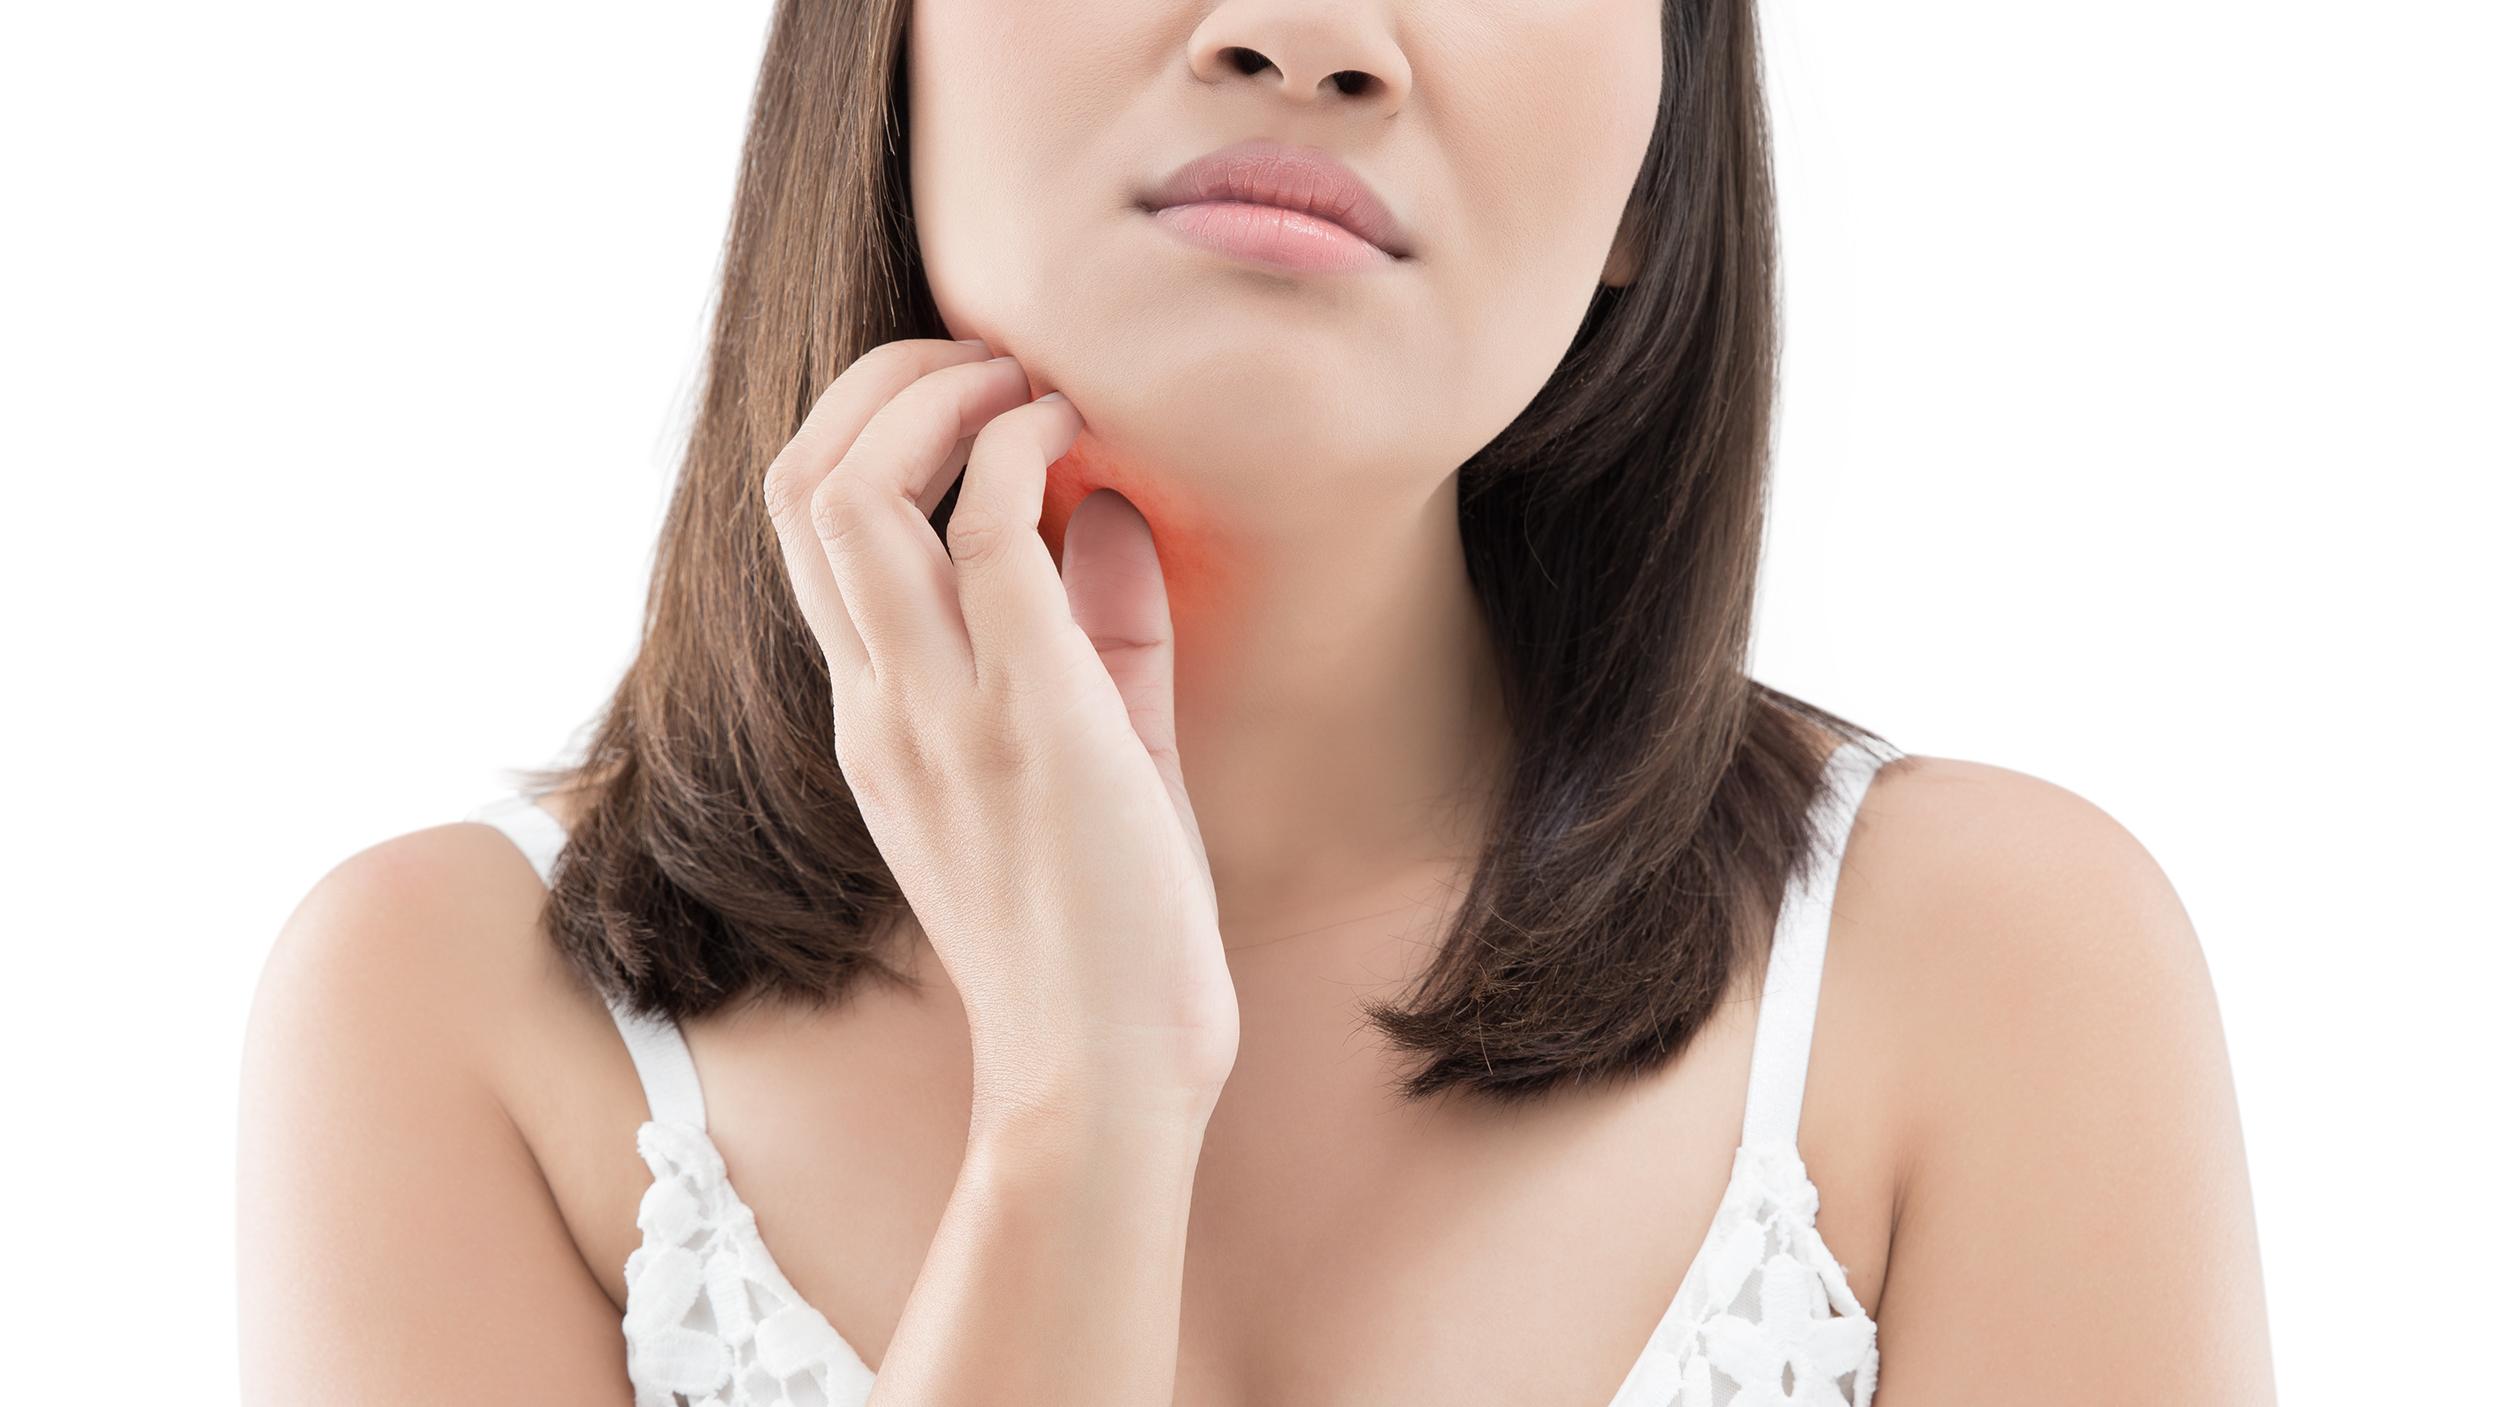 Heat rash, razor burn, bacne: How to summer skin issues